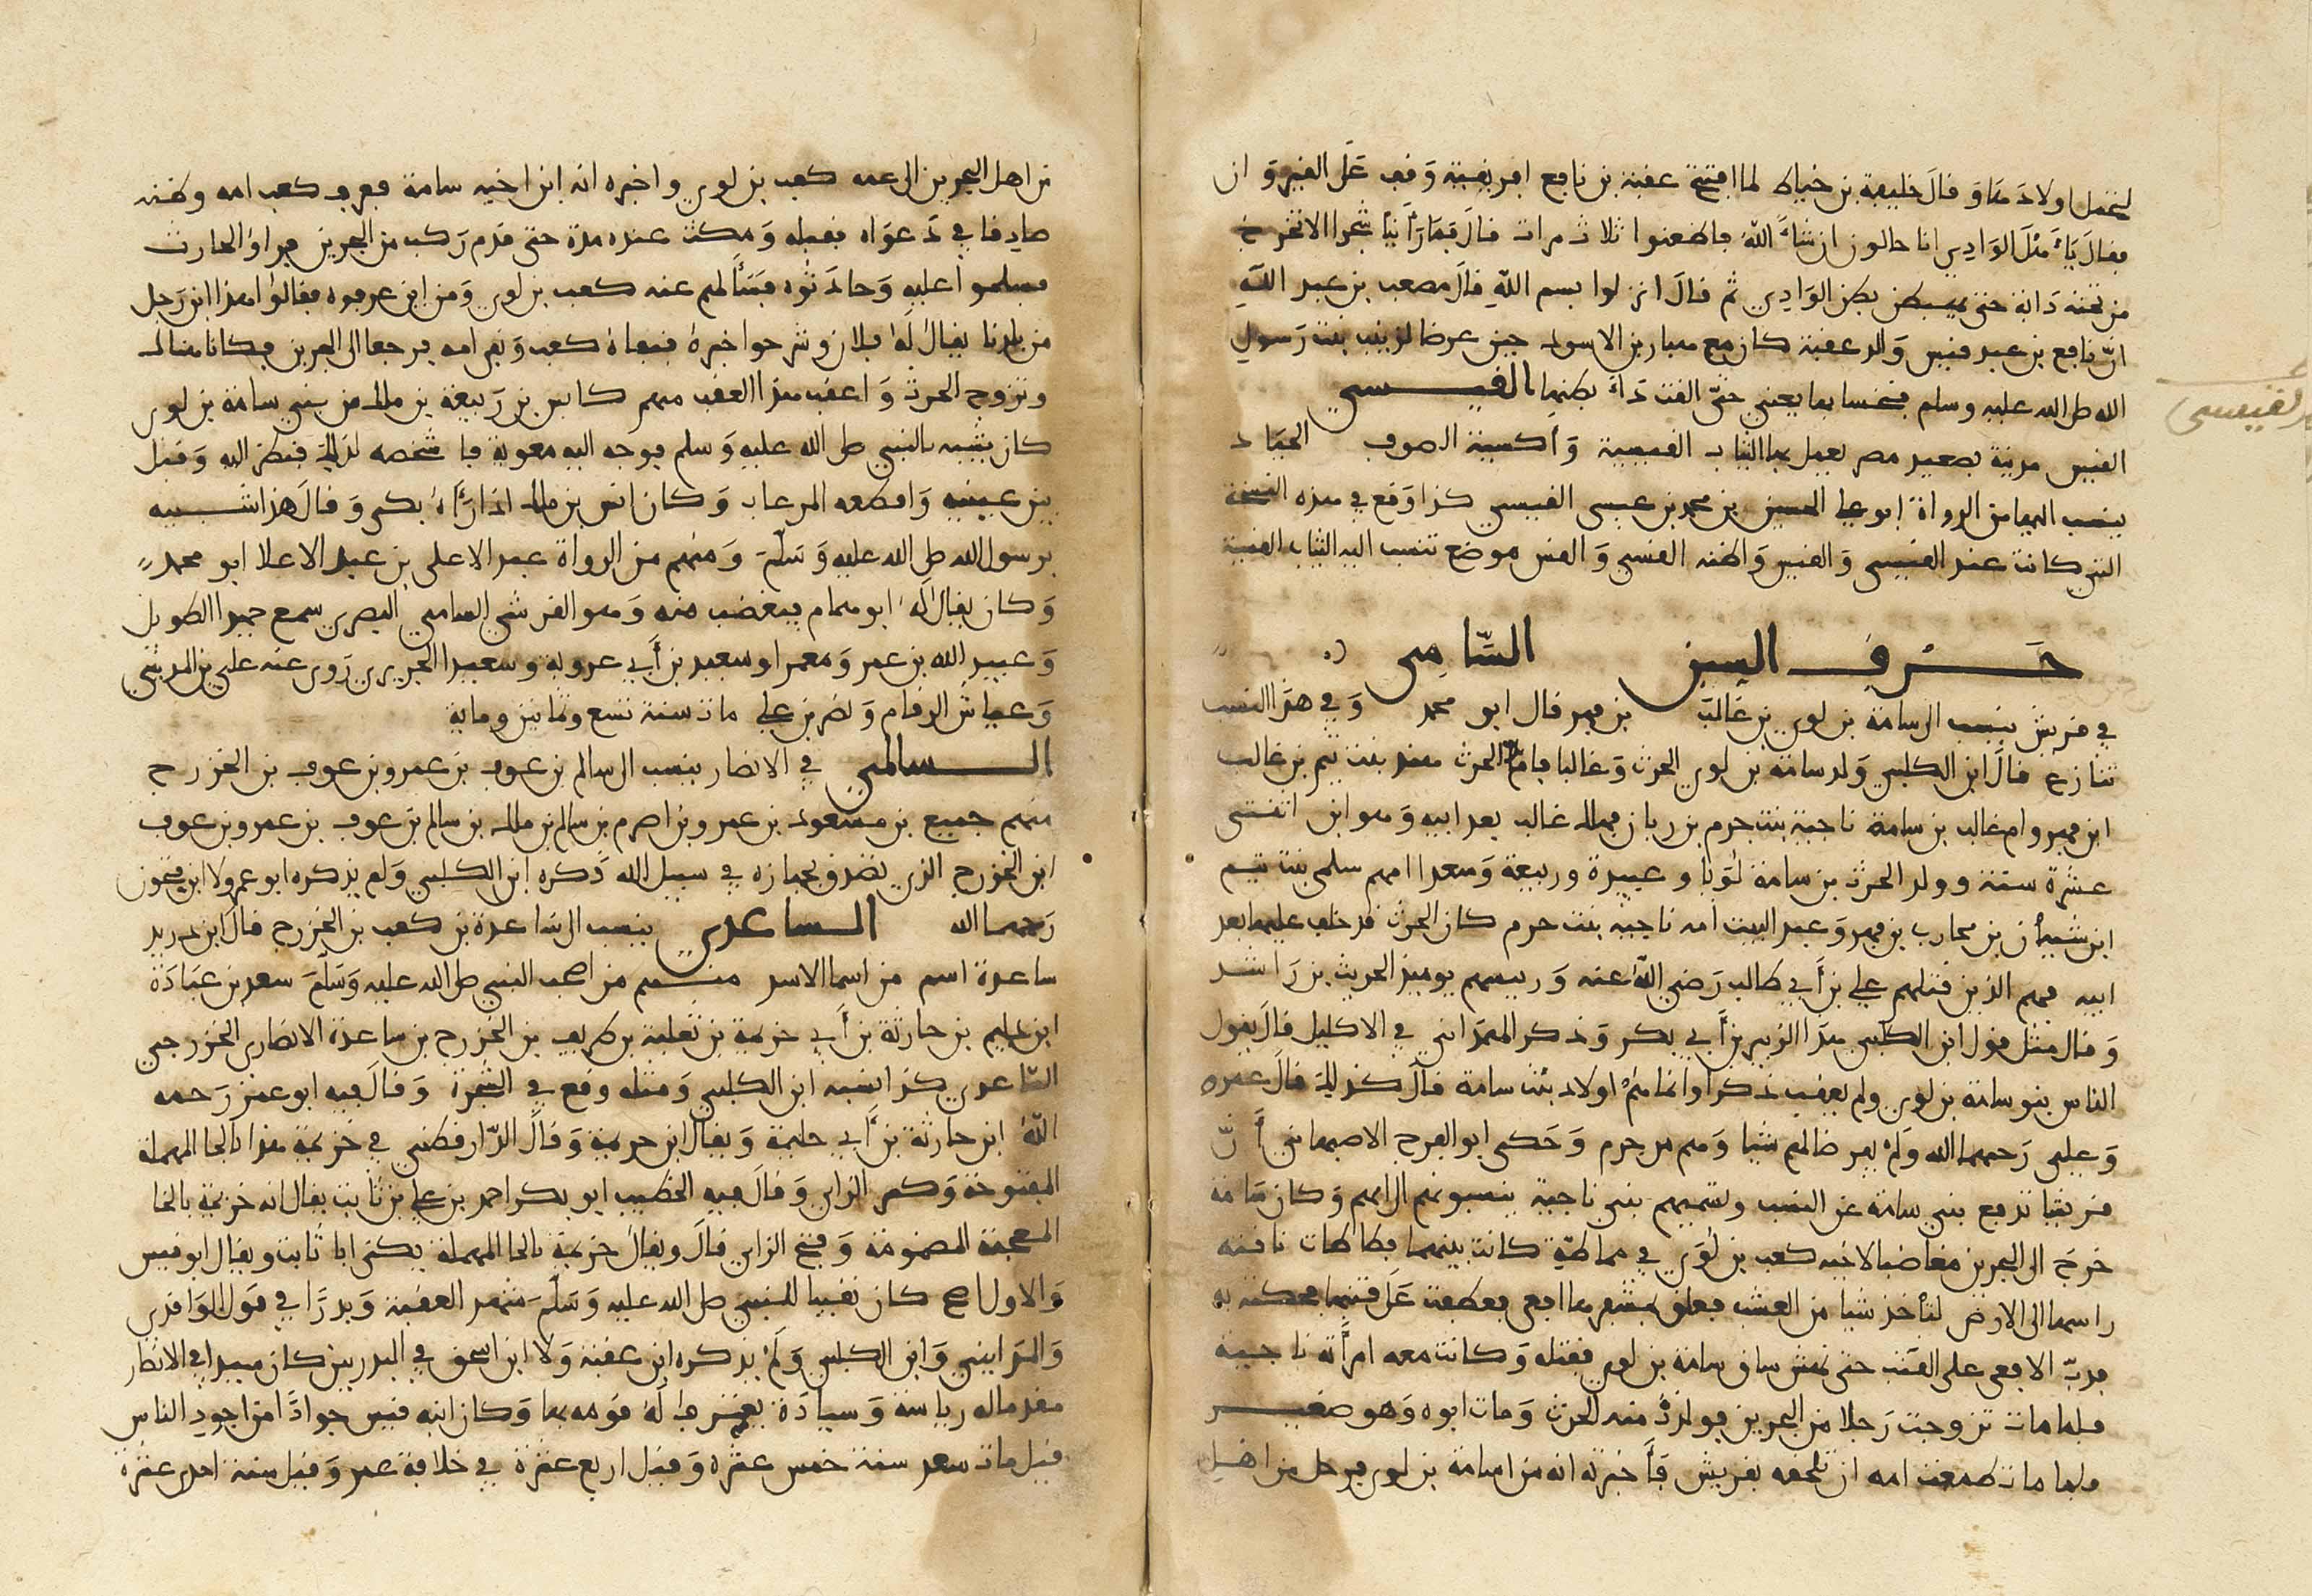 ABU MUHAMMAD 'ABDULLAH BIN 'ALI AL-LAKHMI AL-ANDALUSI (D. AH 540): IQTIBAS AL-ANWAR WA AL-TAMAS AL-AZHAR FI ANSAB AL-SAHABA